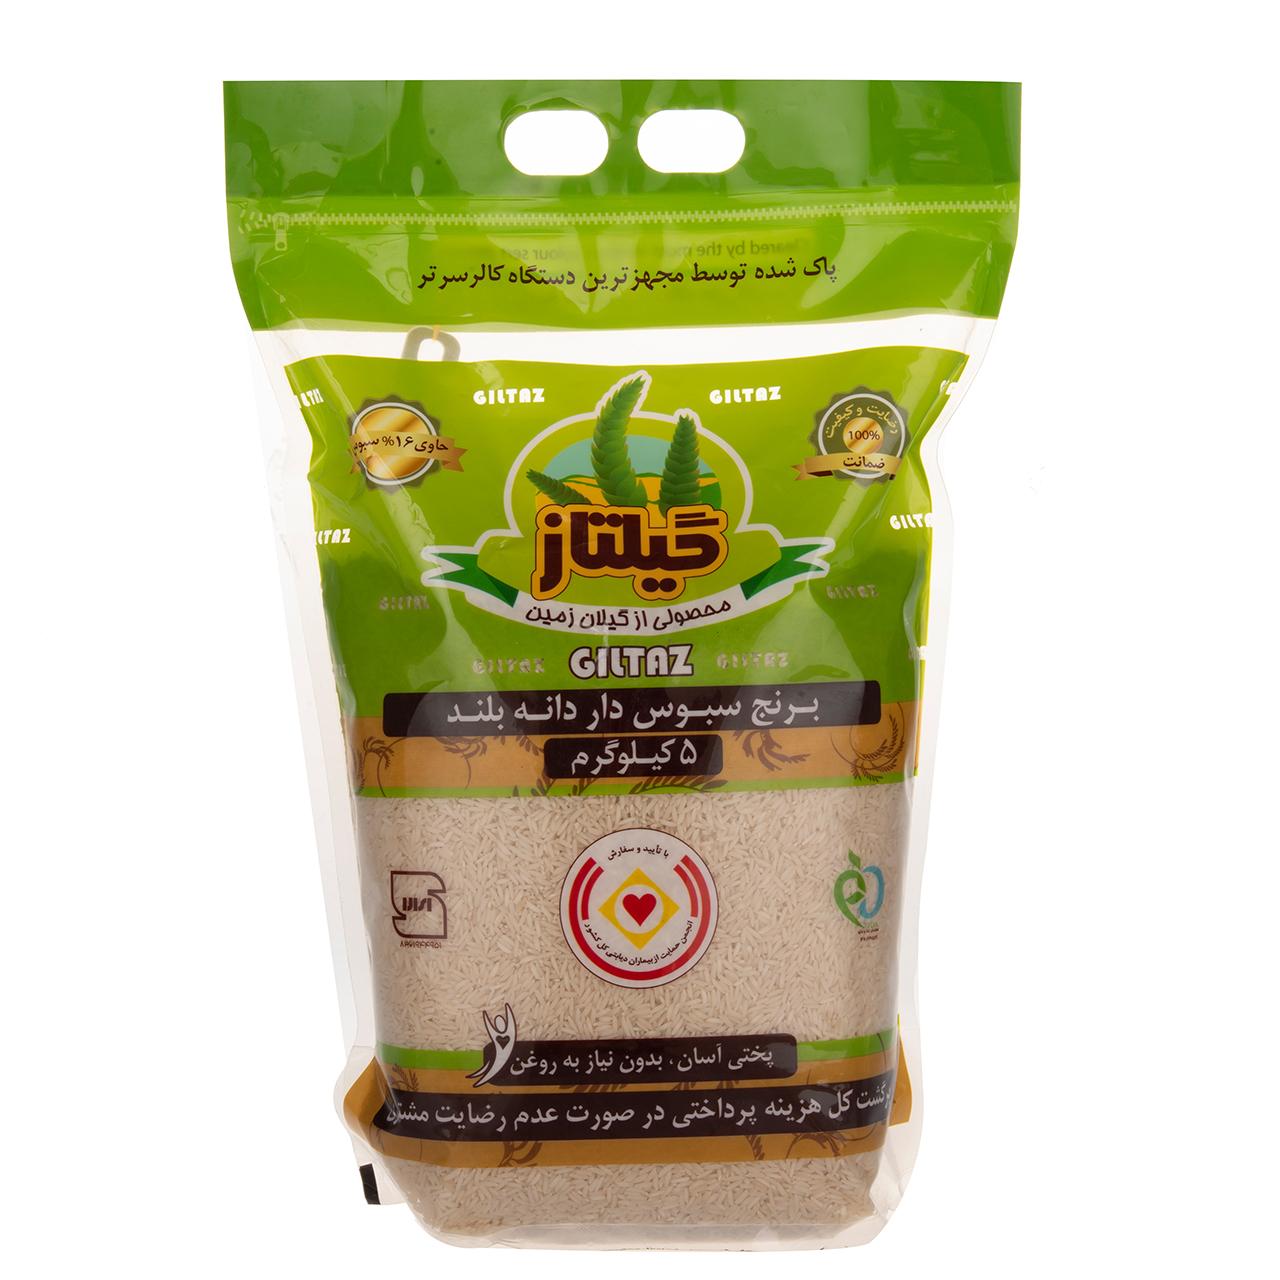 برنج سبوس دار گیلتاز مقدار 5 کیلوگرم